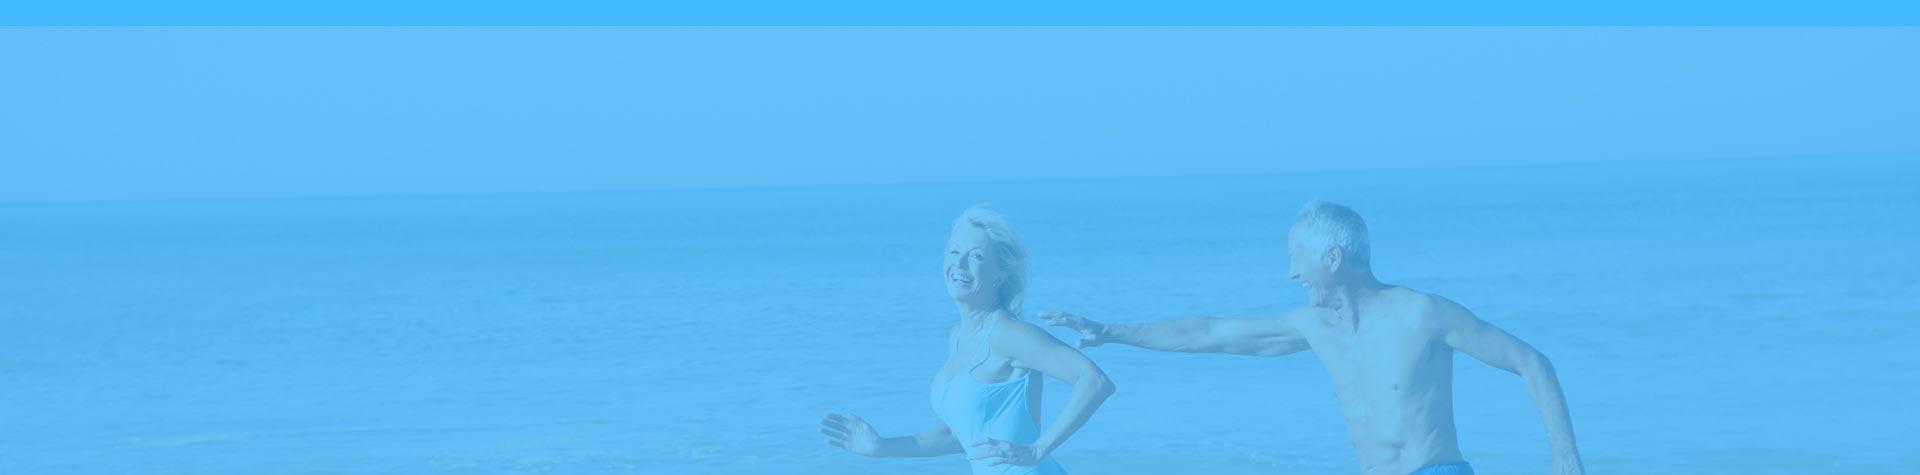 enhanced-med-spa-background-slider